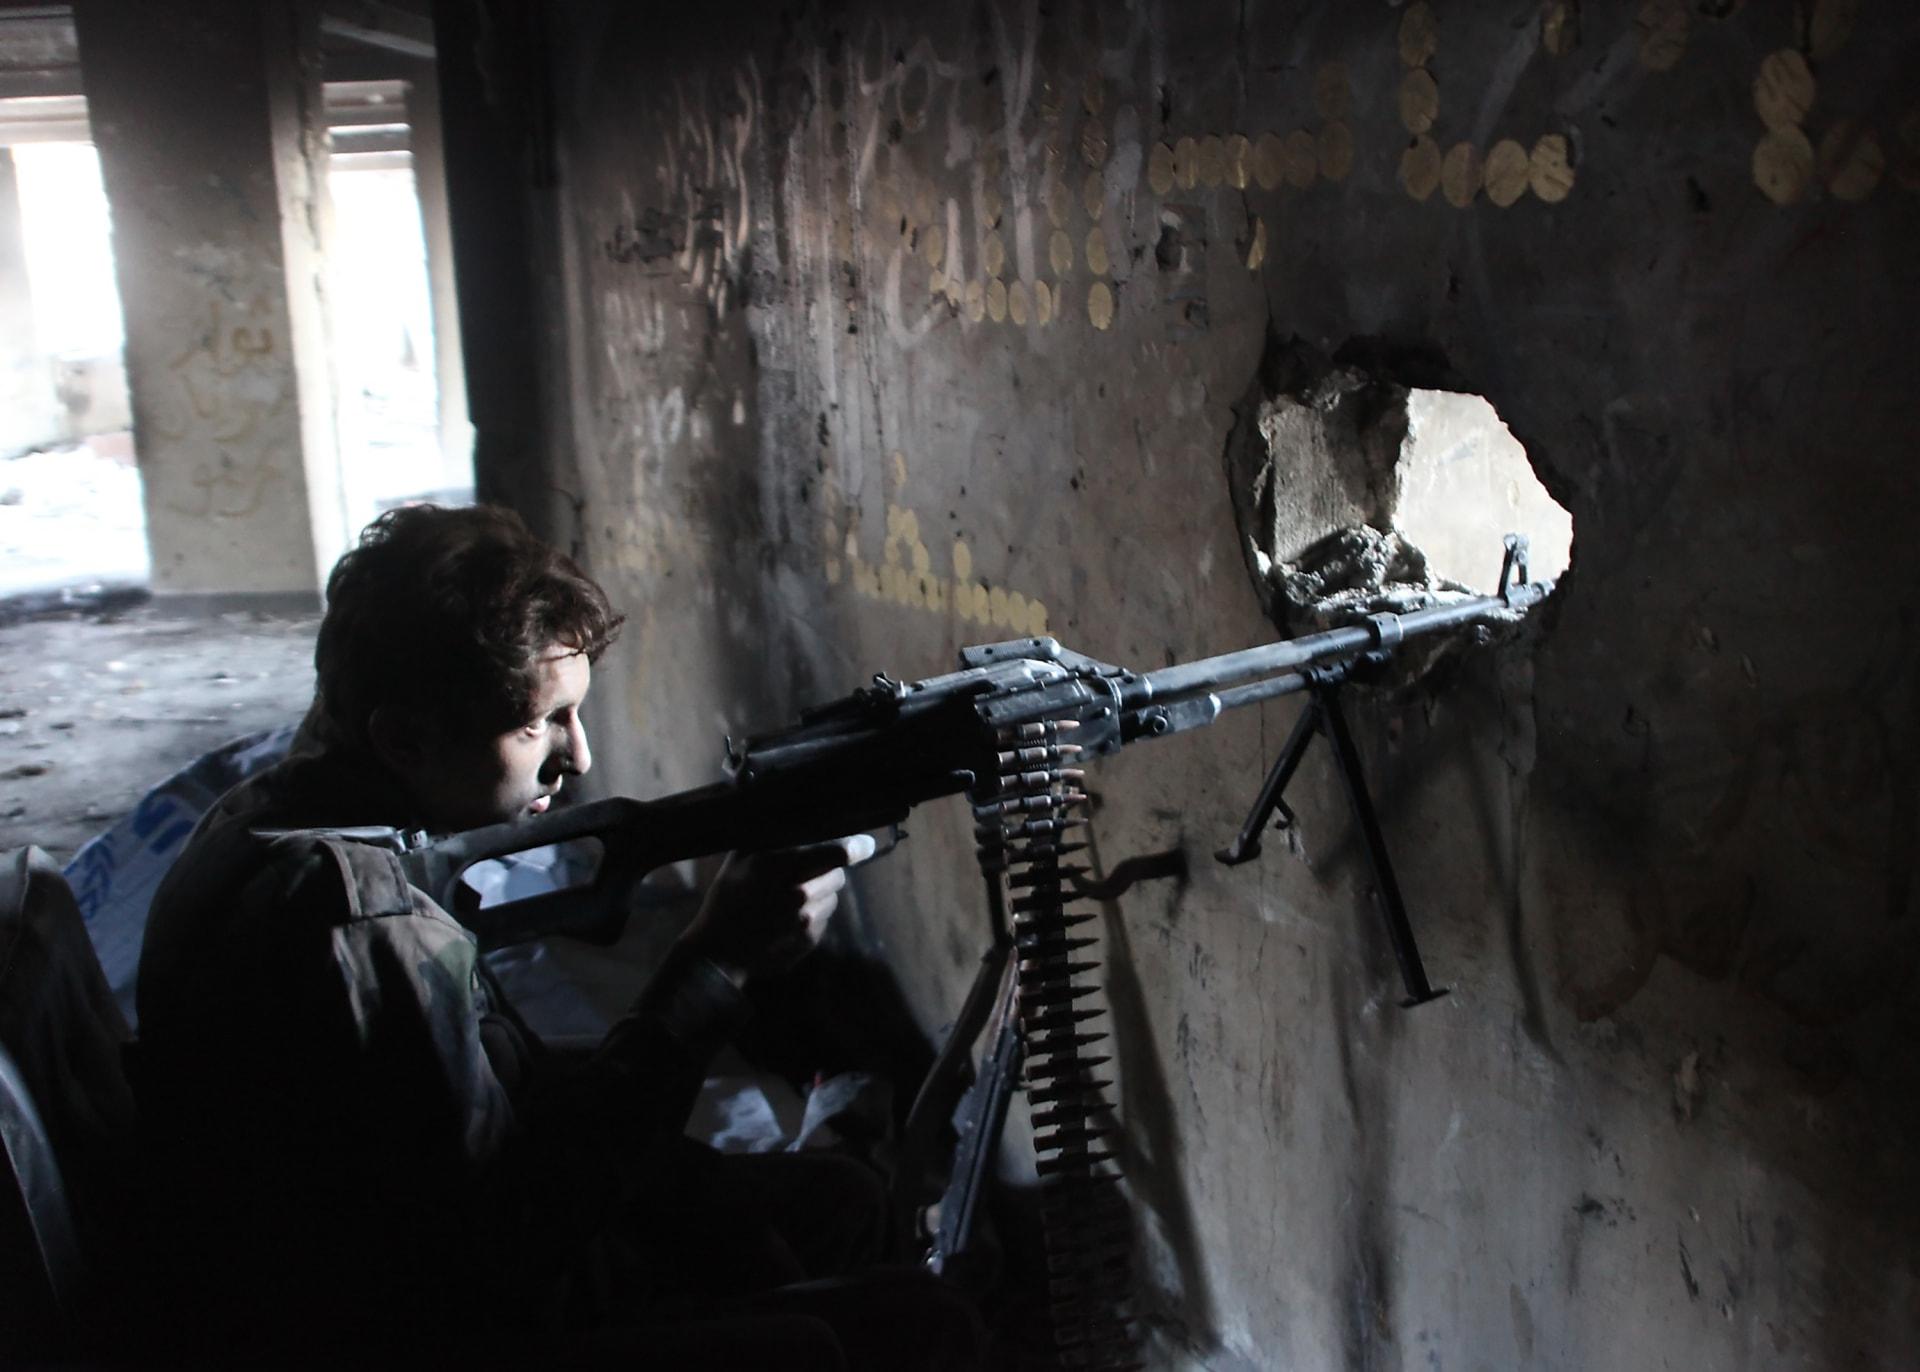 جيش الأسد يسيطر على مناطق للمعارضة في حلب.. والمرصد: أول تقدم للنظام في تلك المناطق منذ 3 سنوات